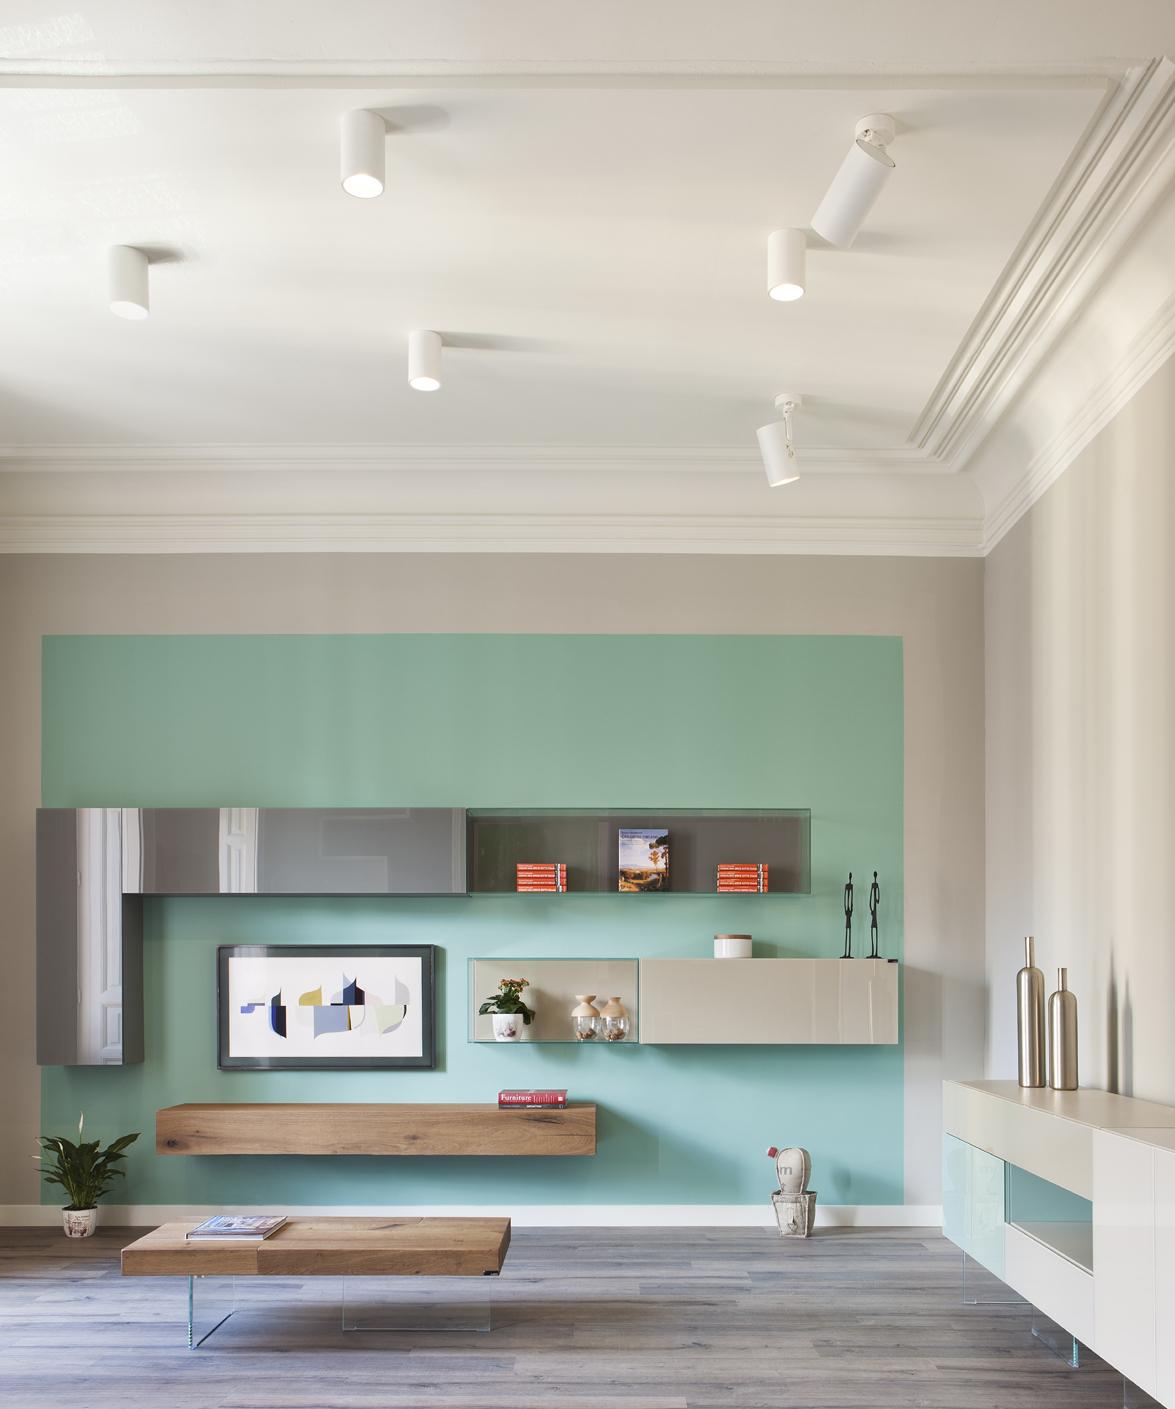 85 decoracin en casas majestuosas habitaciones de - Decoracion de la casa ...